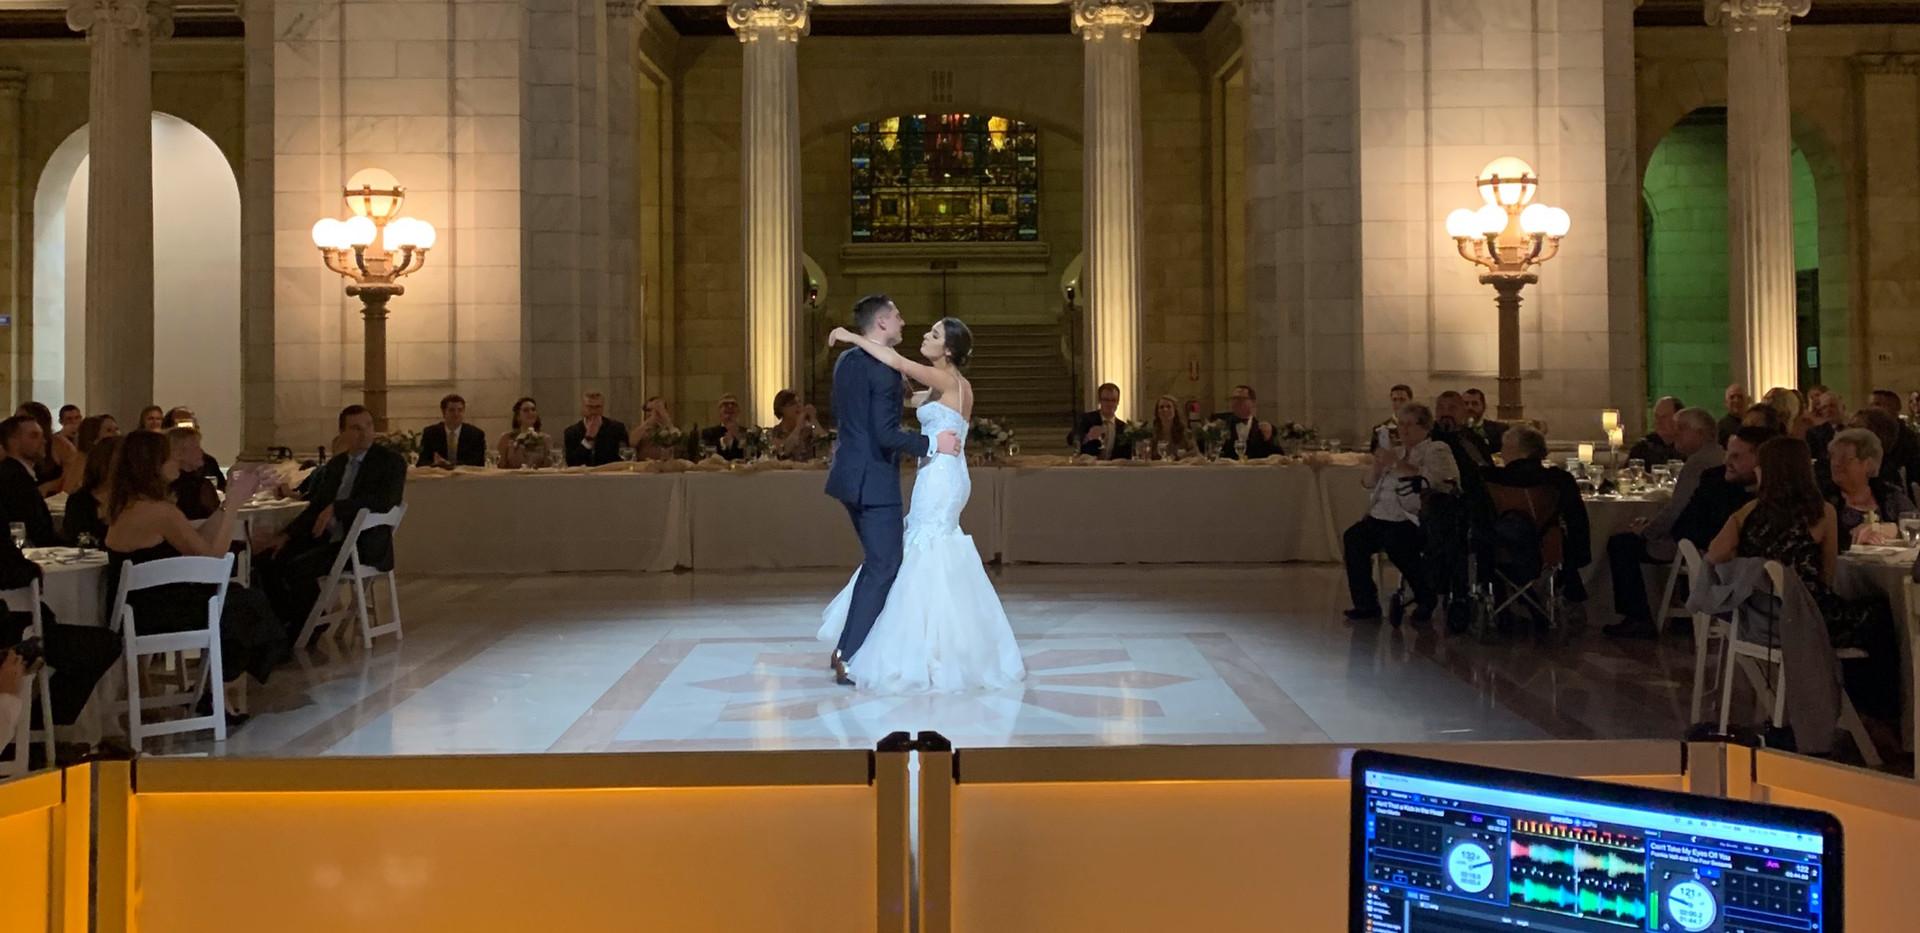 Rick & Lena's Old Courthouse Wedding